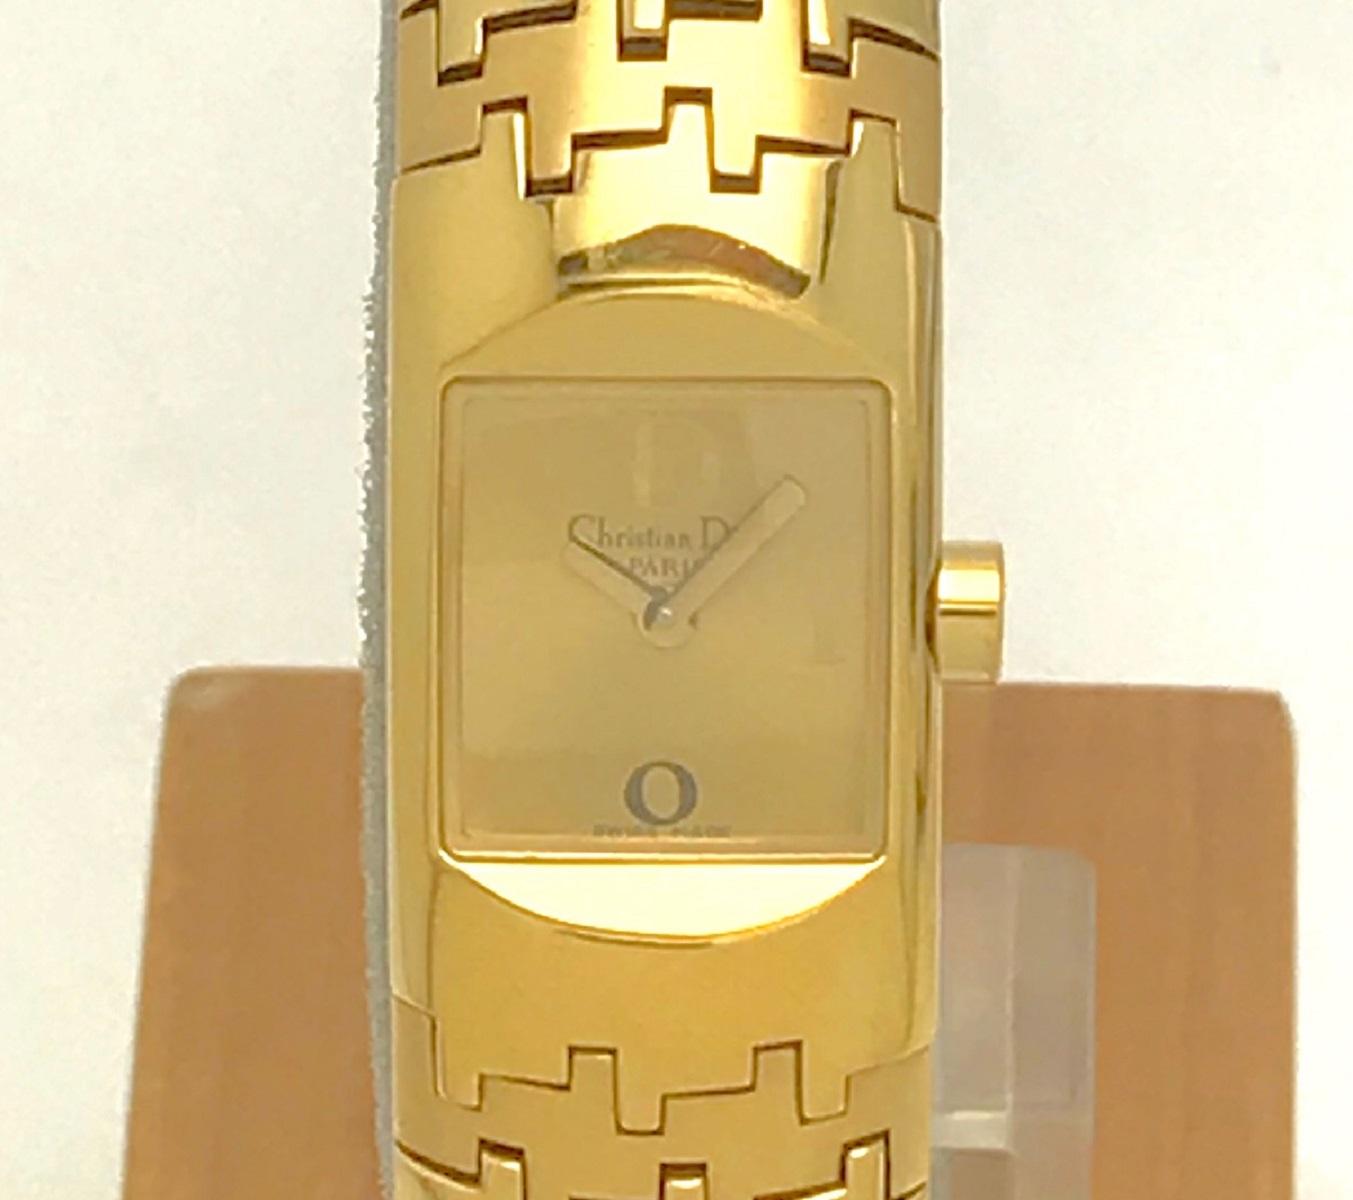 C.Dior クリスチャン ディオール レディース ウォッチ 腕時計 Qz クォーツ GP 【トレジャースポット】【中古】